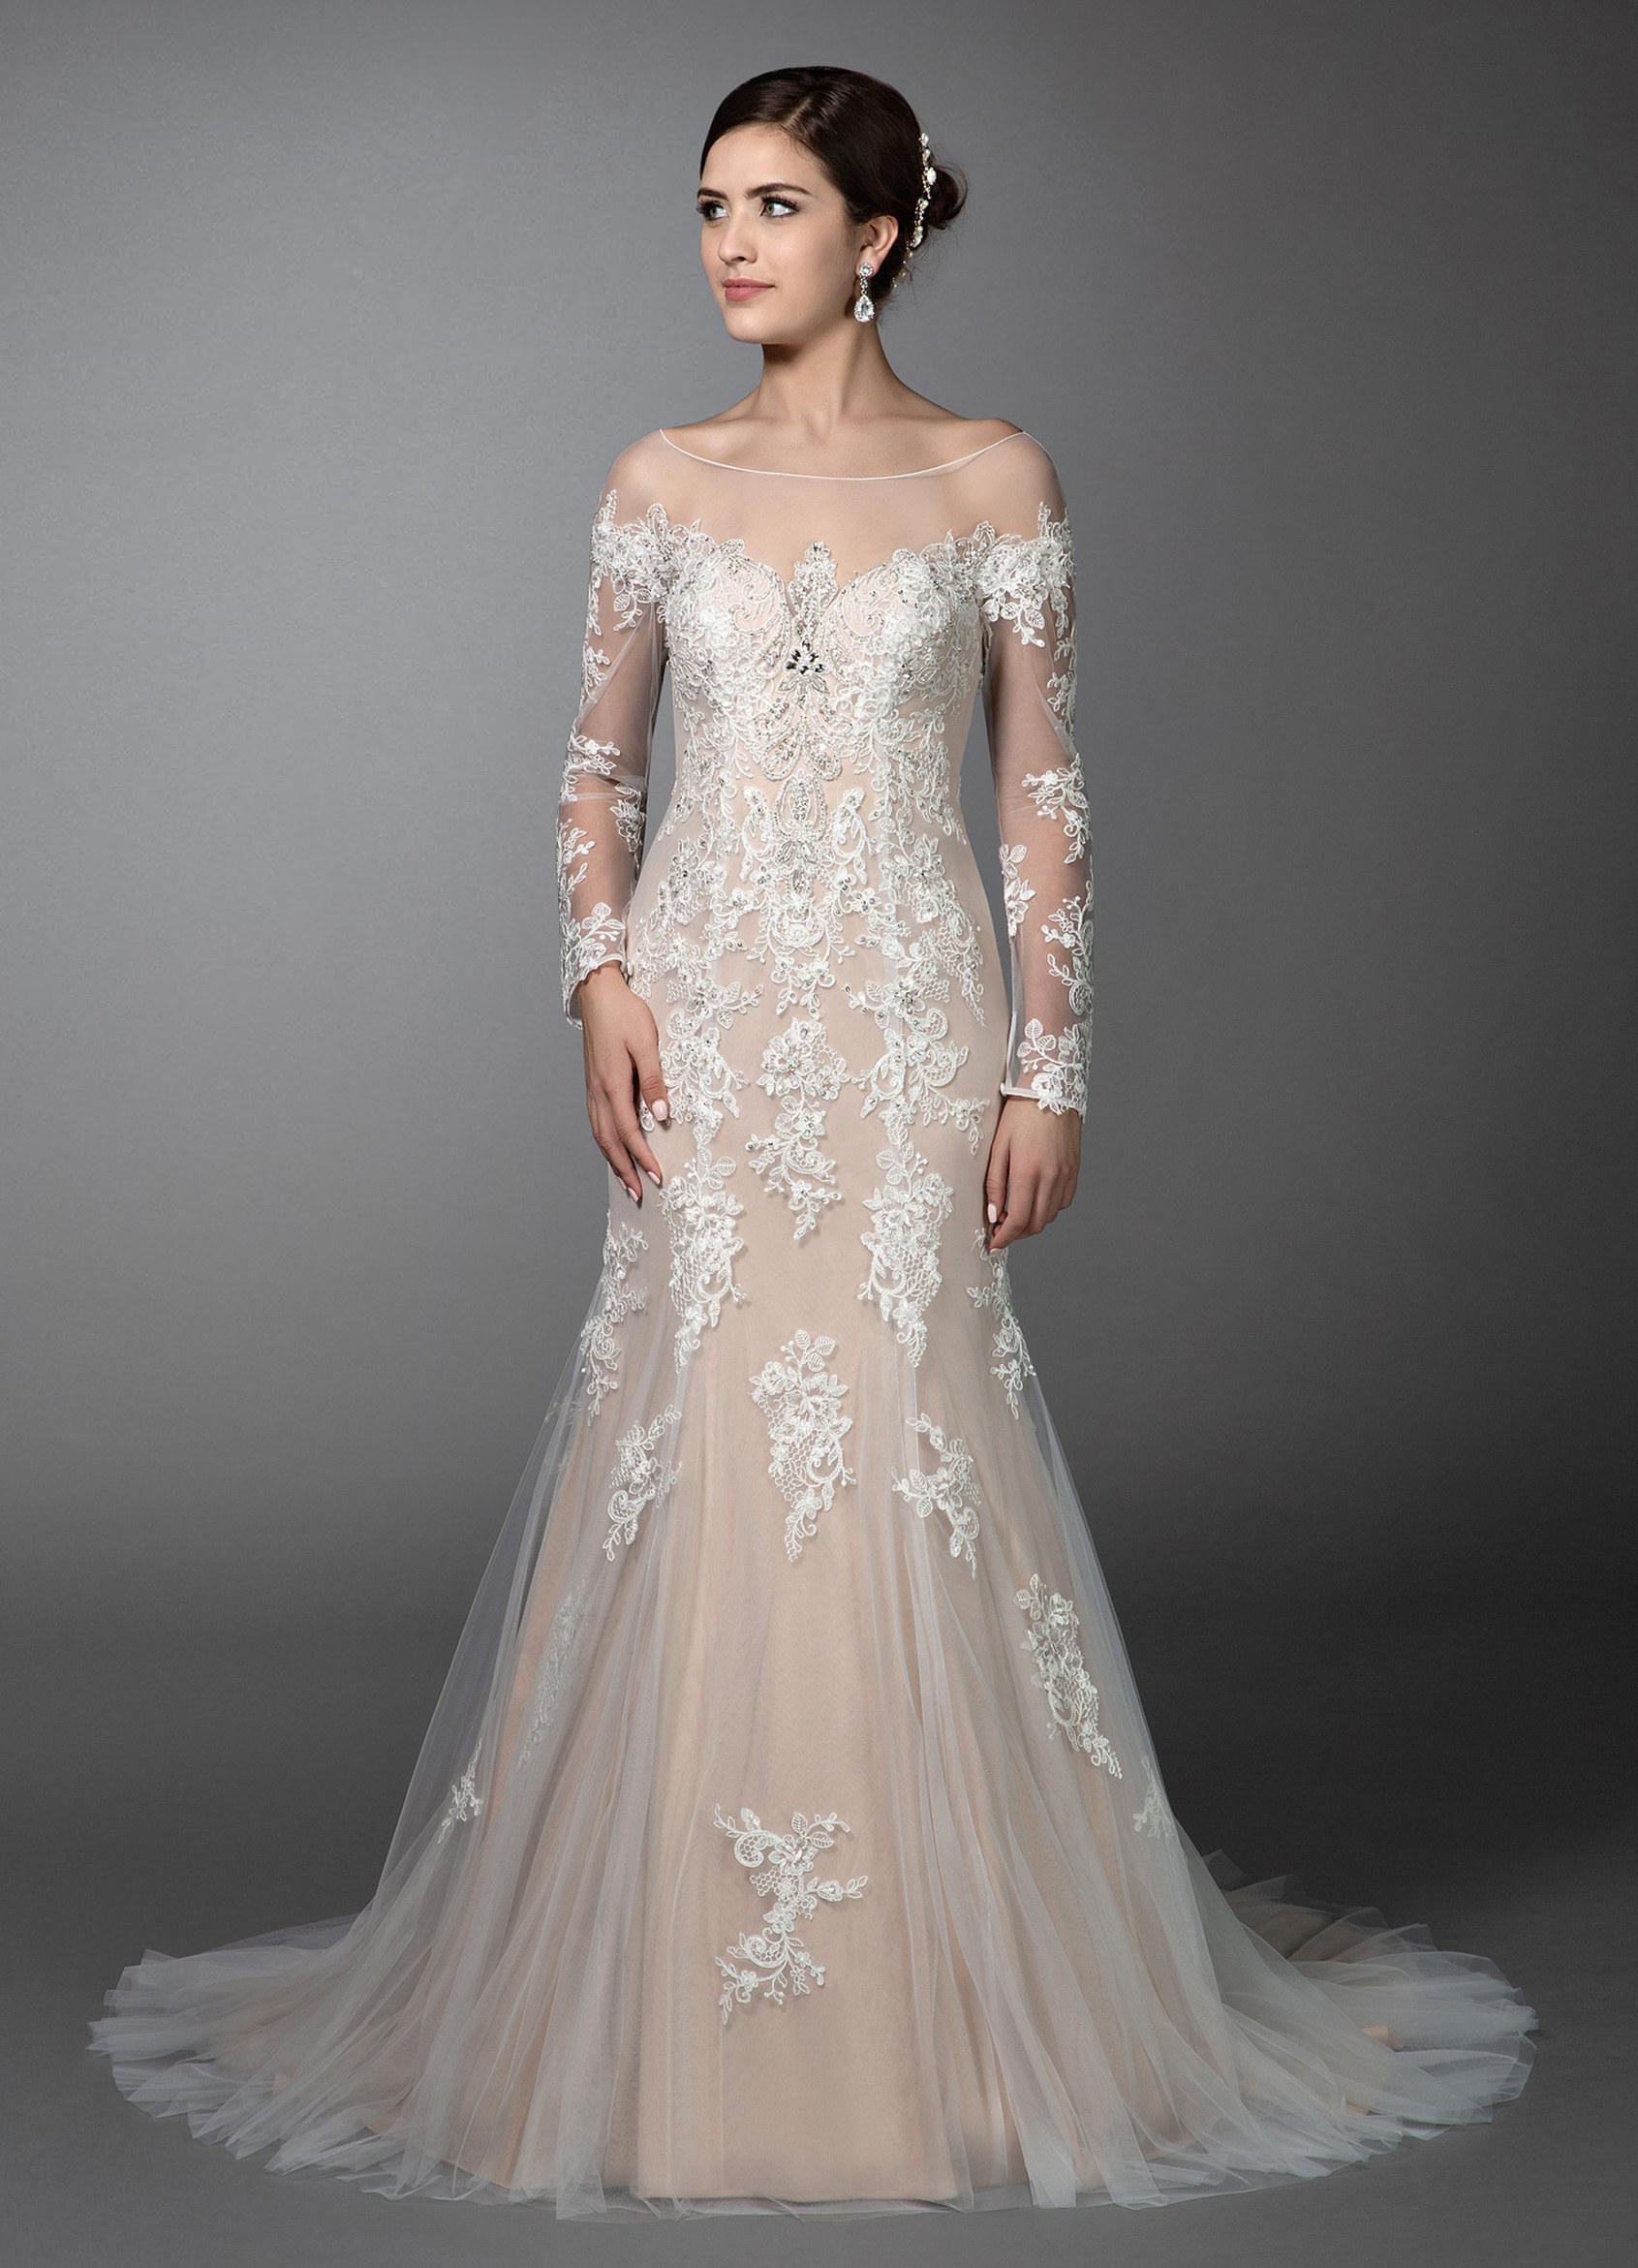 Azazie Fergie Bg Wedding Dress - Diamond Whitenude  Azazie-7362